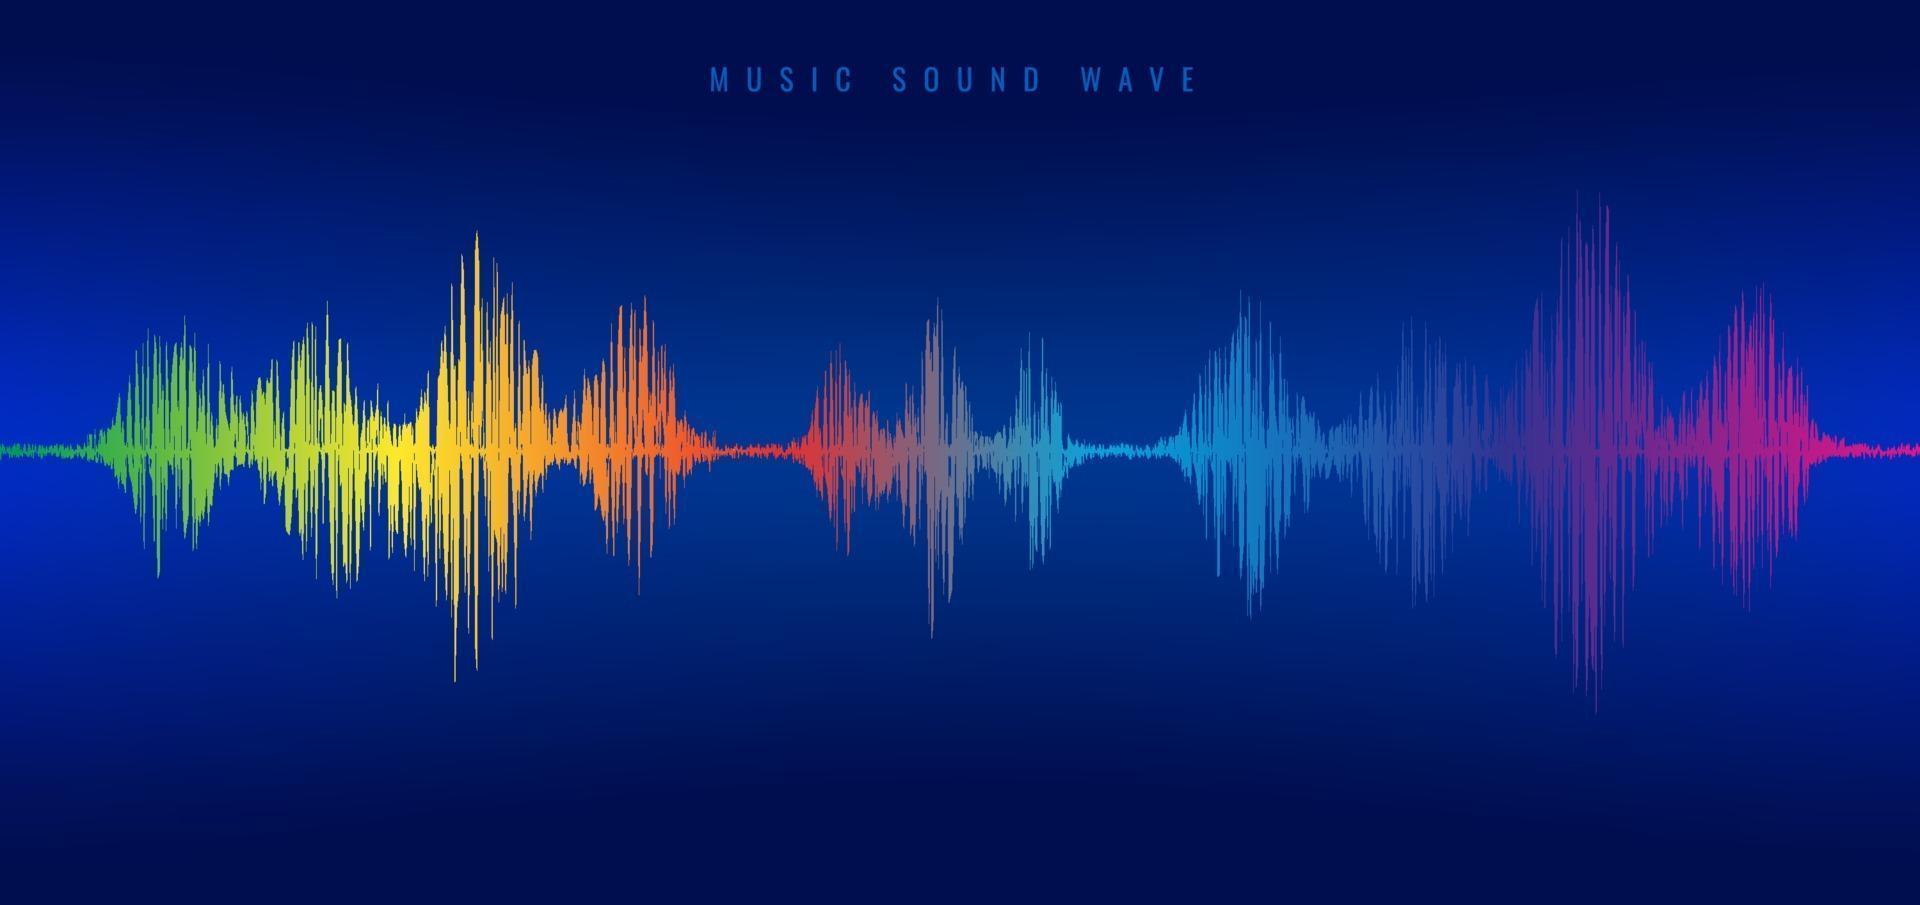 égaliseur de ligne d'onde sonore de musique arc-en-ciel sur fond bleu. vecteur